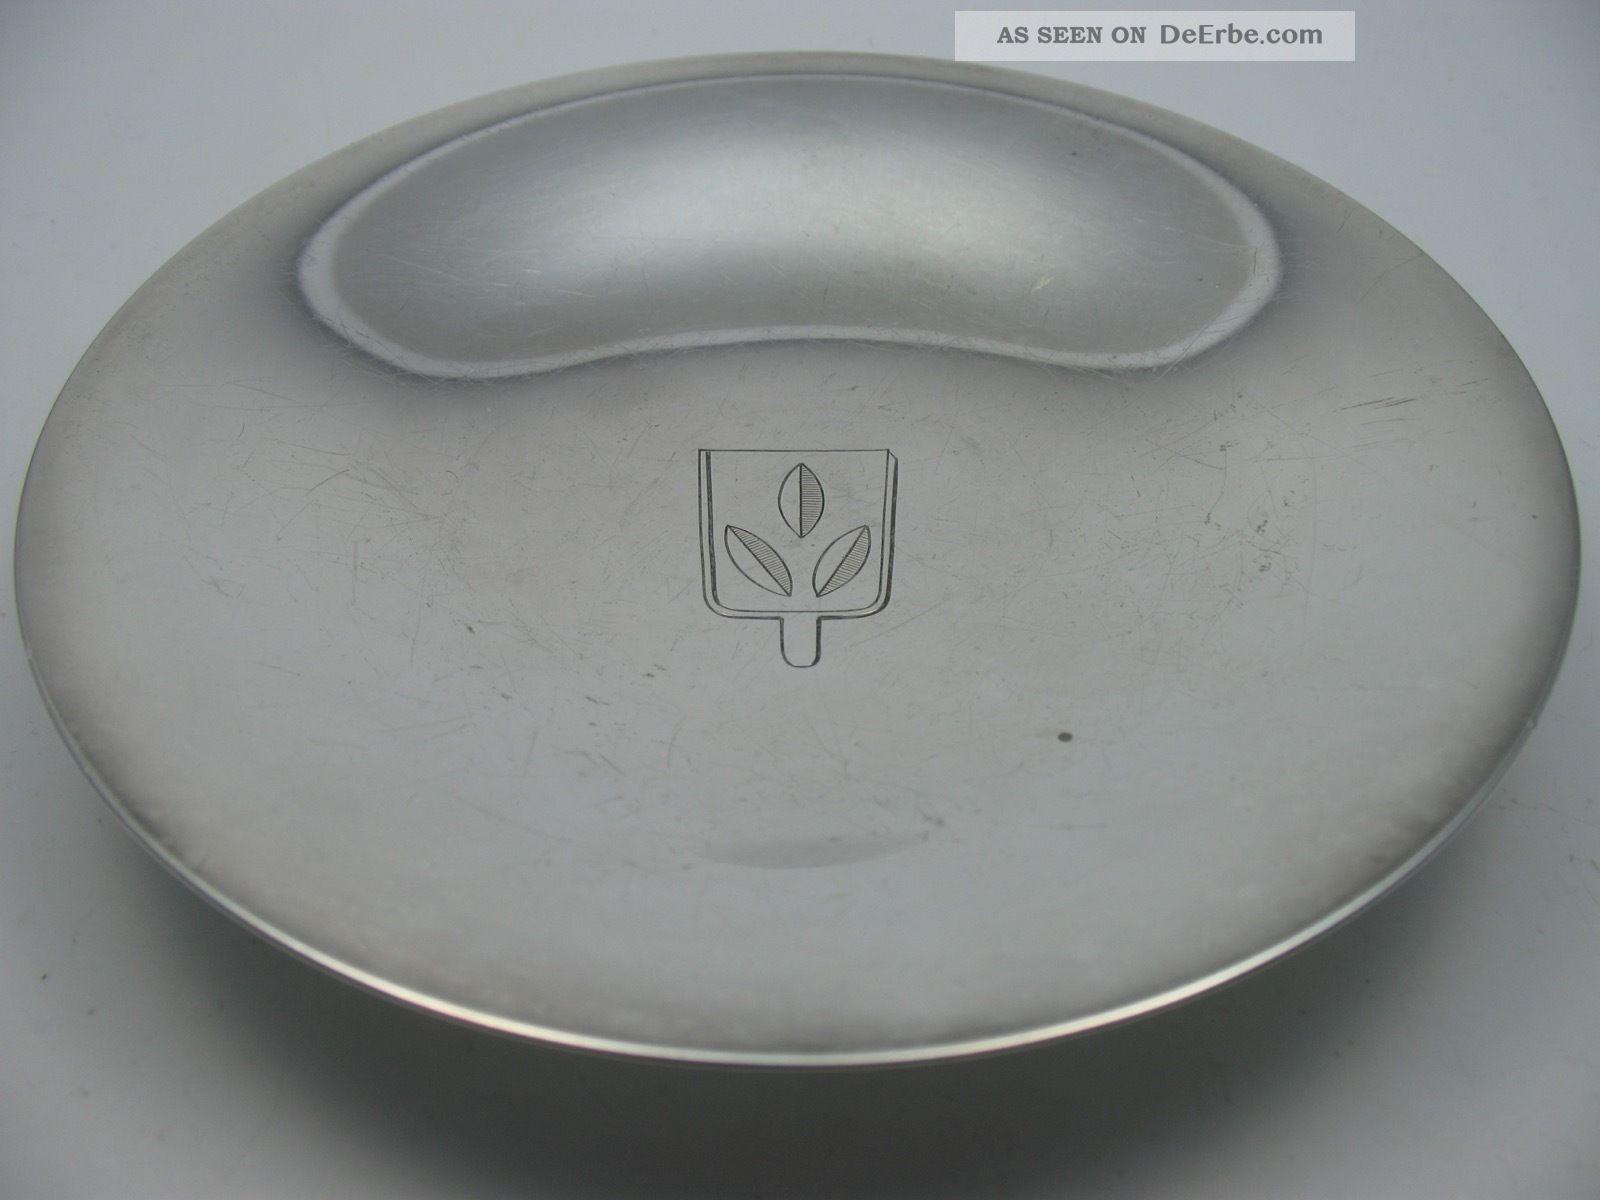 Georg Jensen Denmark Schöne Alte Schale Aus 925 Sterling Silber Objekte vor 1945 Bild